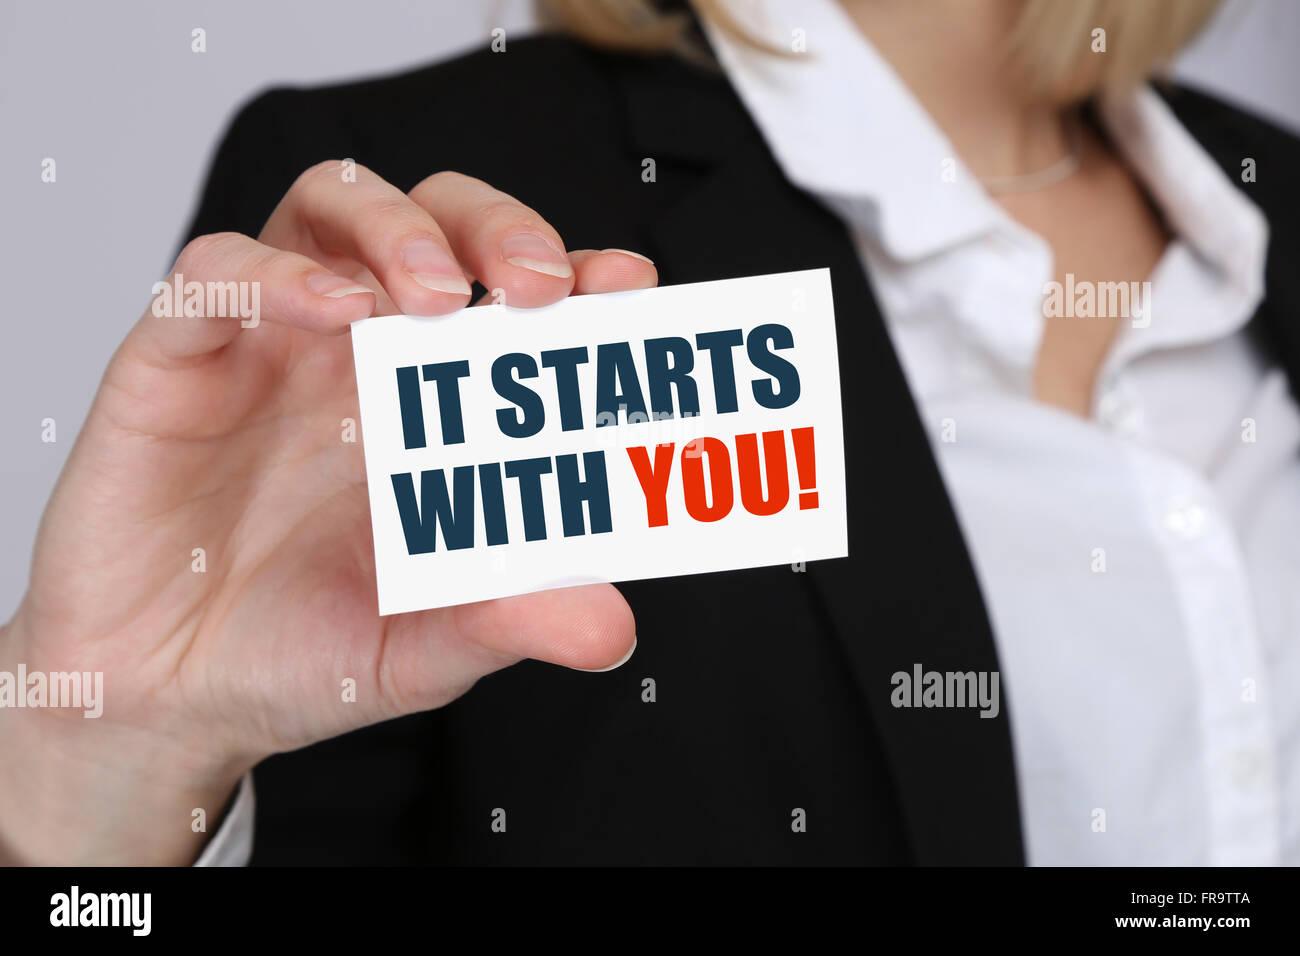 La motivazione a partire dall'inizio formazione coaching successo vincendo con successo il concetto di business Immagini Stock